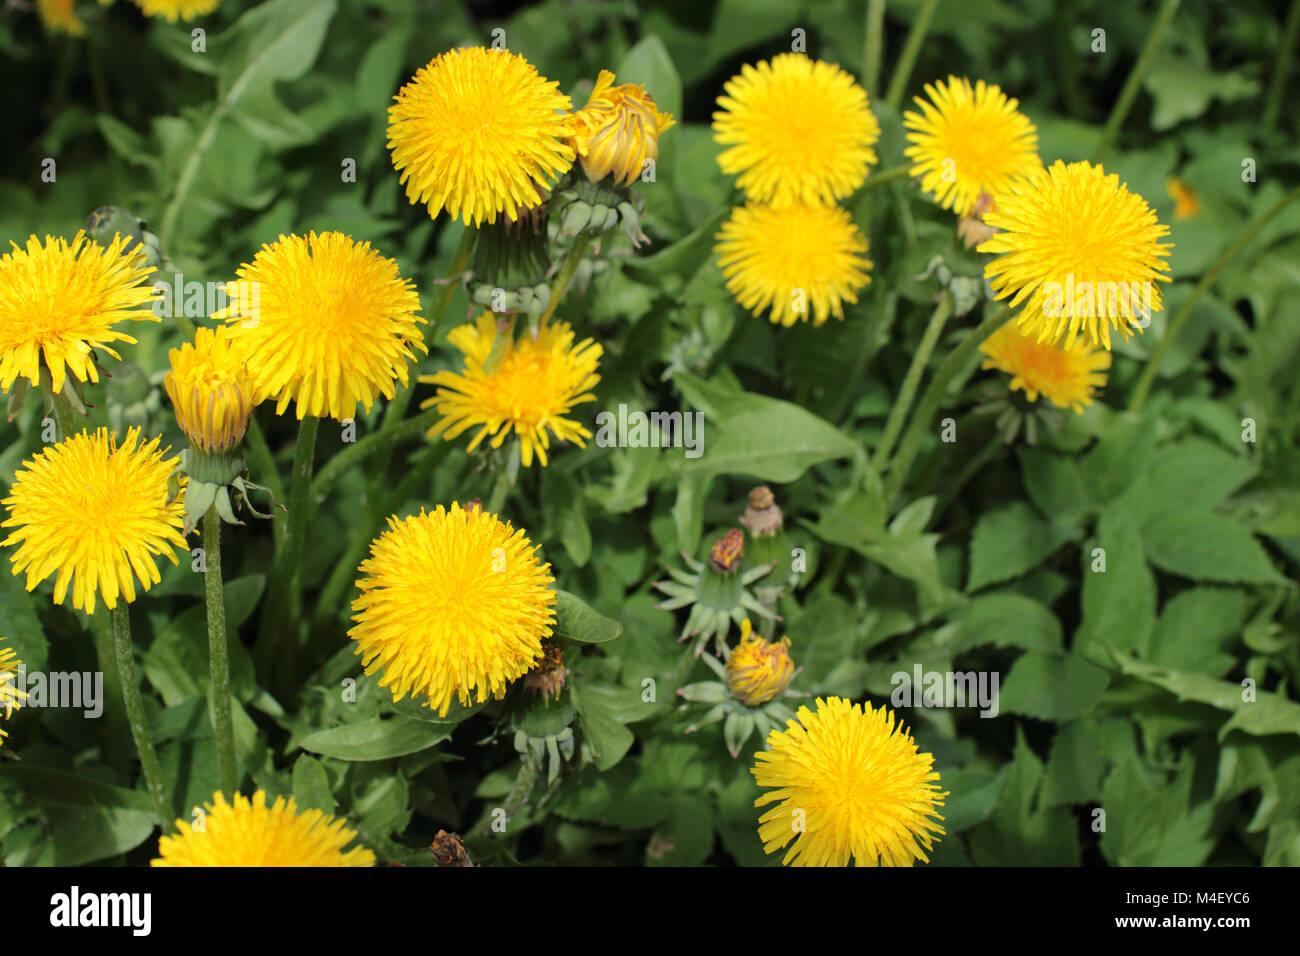 Fiori Gialli Tarassaco.Fiori Gialli Tarassaco Su Sfondo Verde Foto Immagine Stock